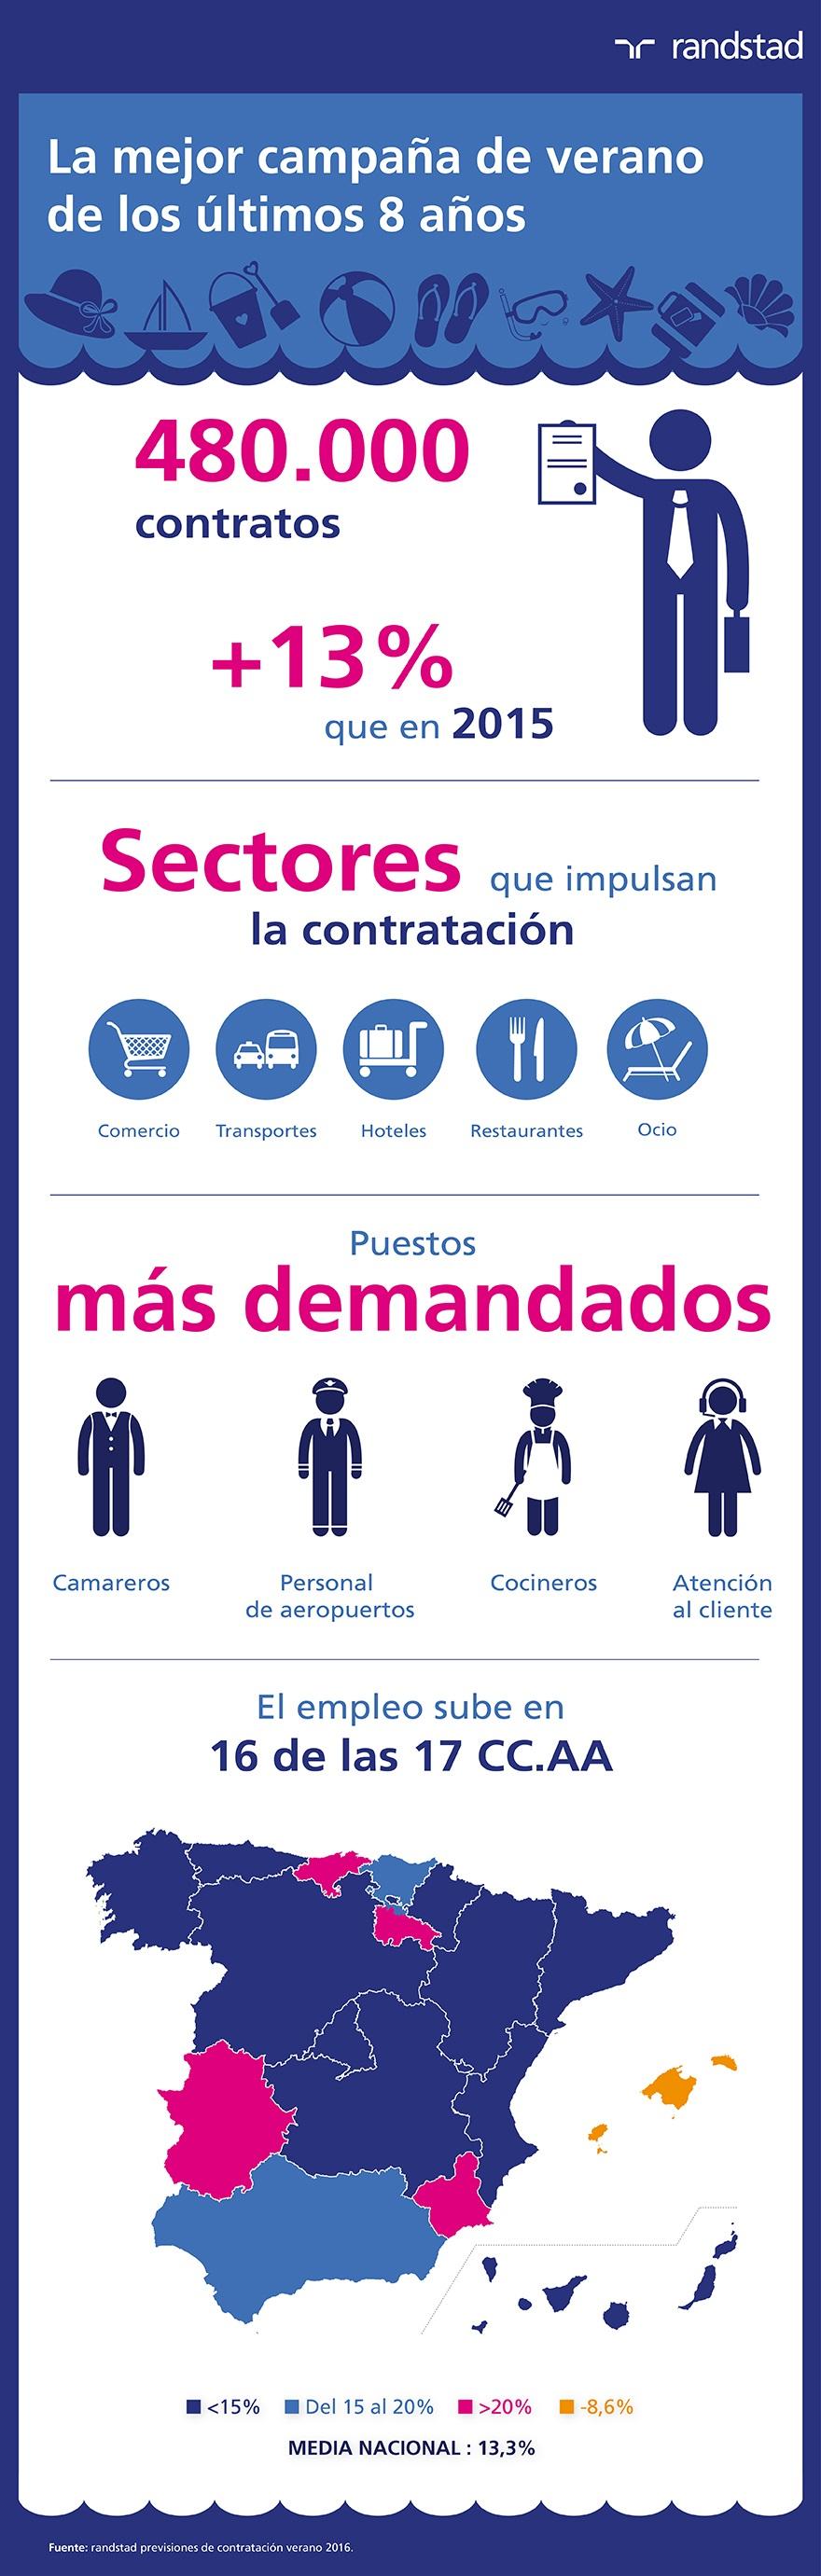 infografía previsión contrataciones verano